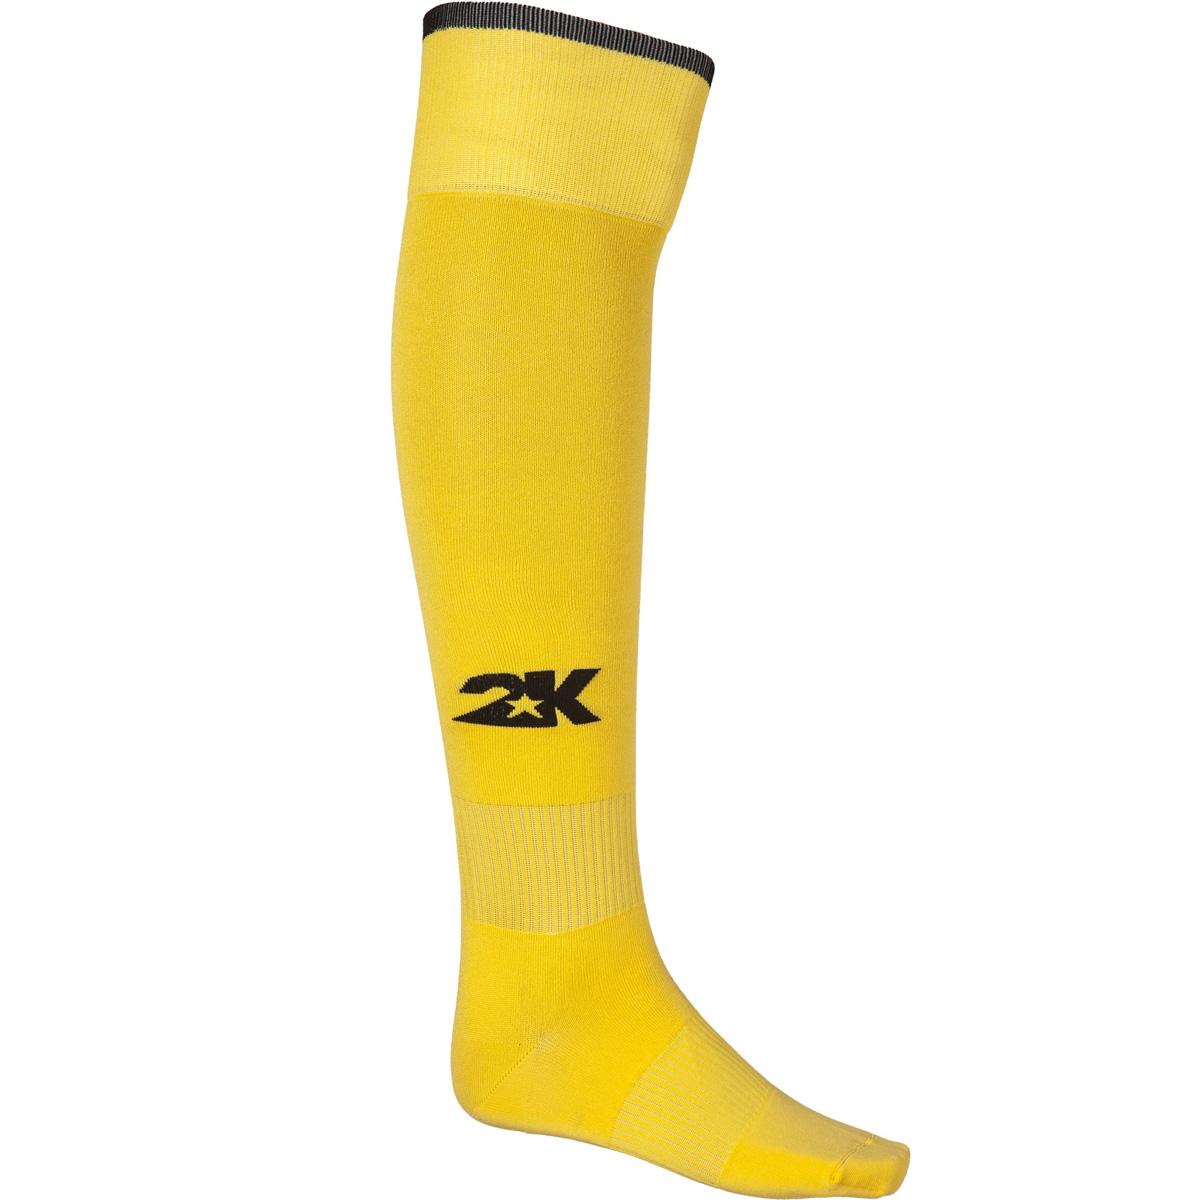 Гетры футбольные 2K Sport Classic, цвет: желтый, черный. 120334. Размер 36/40